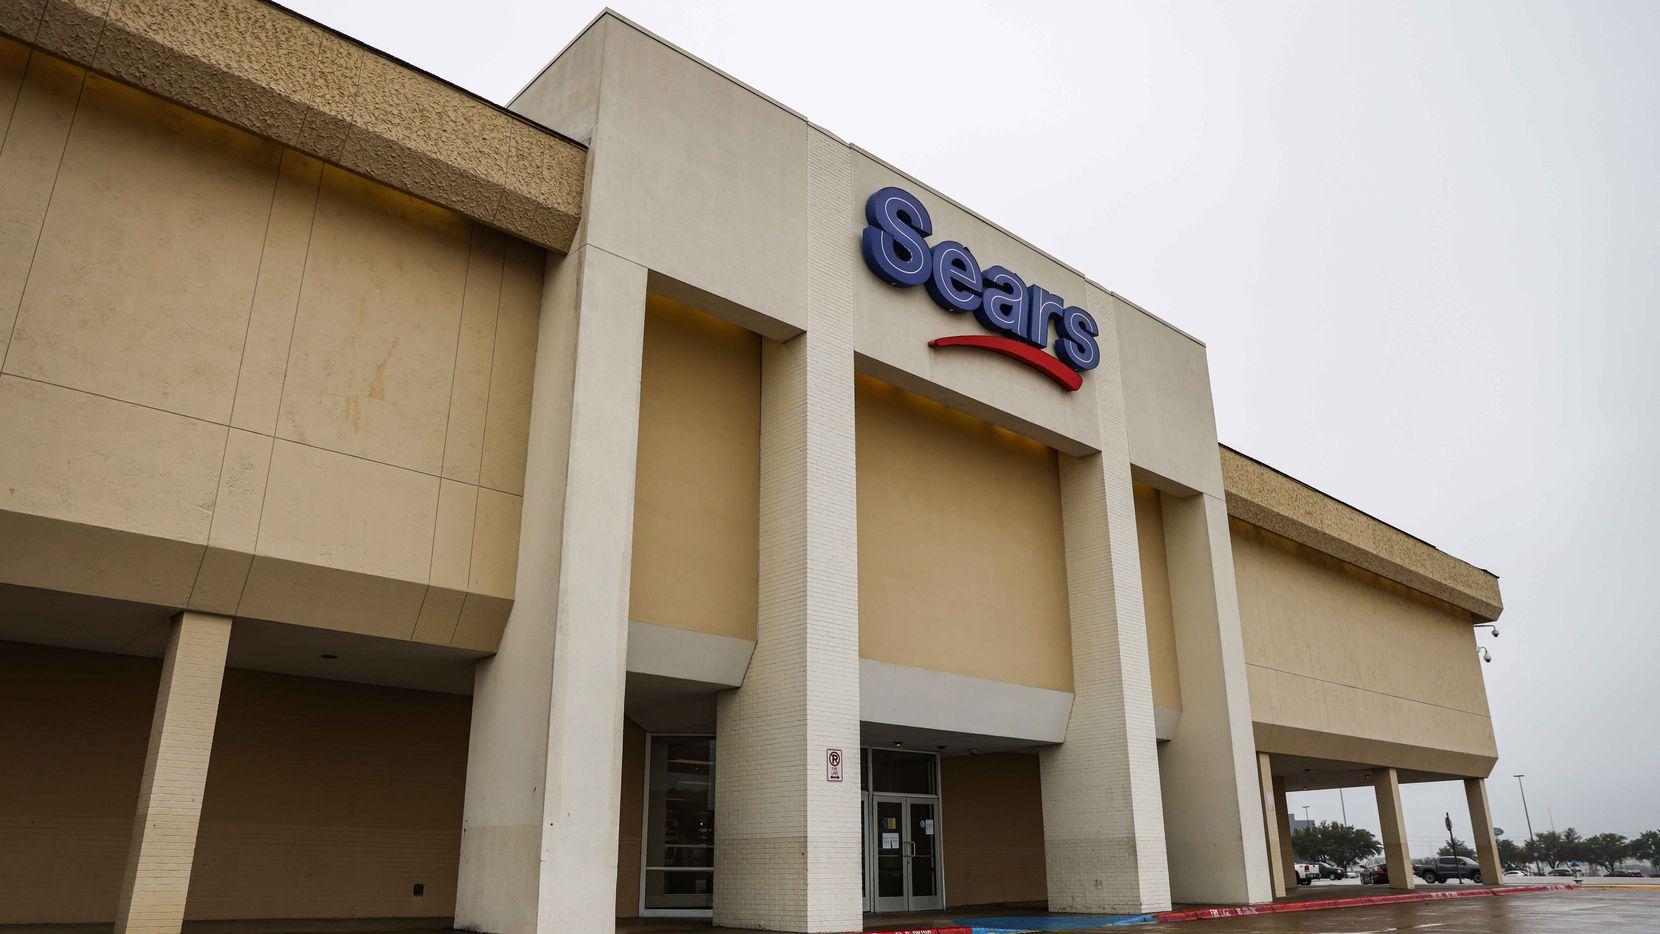 La tienda de Sears en Town East Mall en Mesquite sería la última en cerrar en el Norte de Texas.